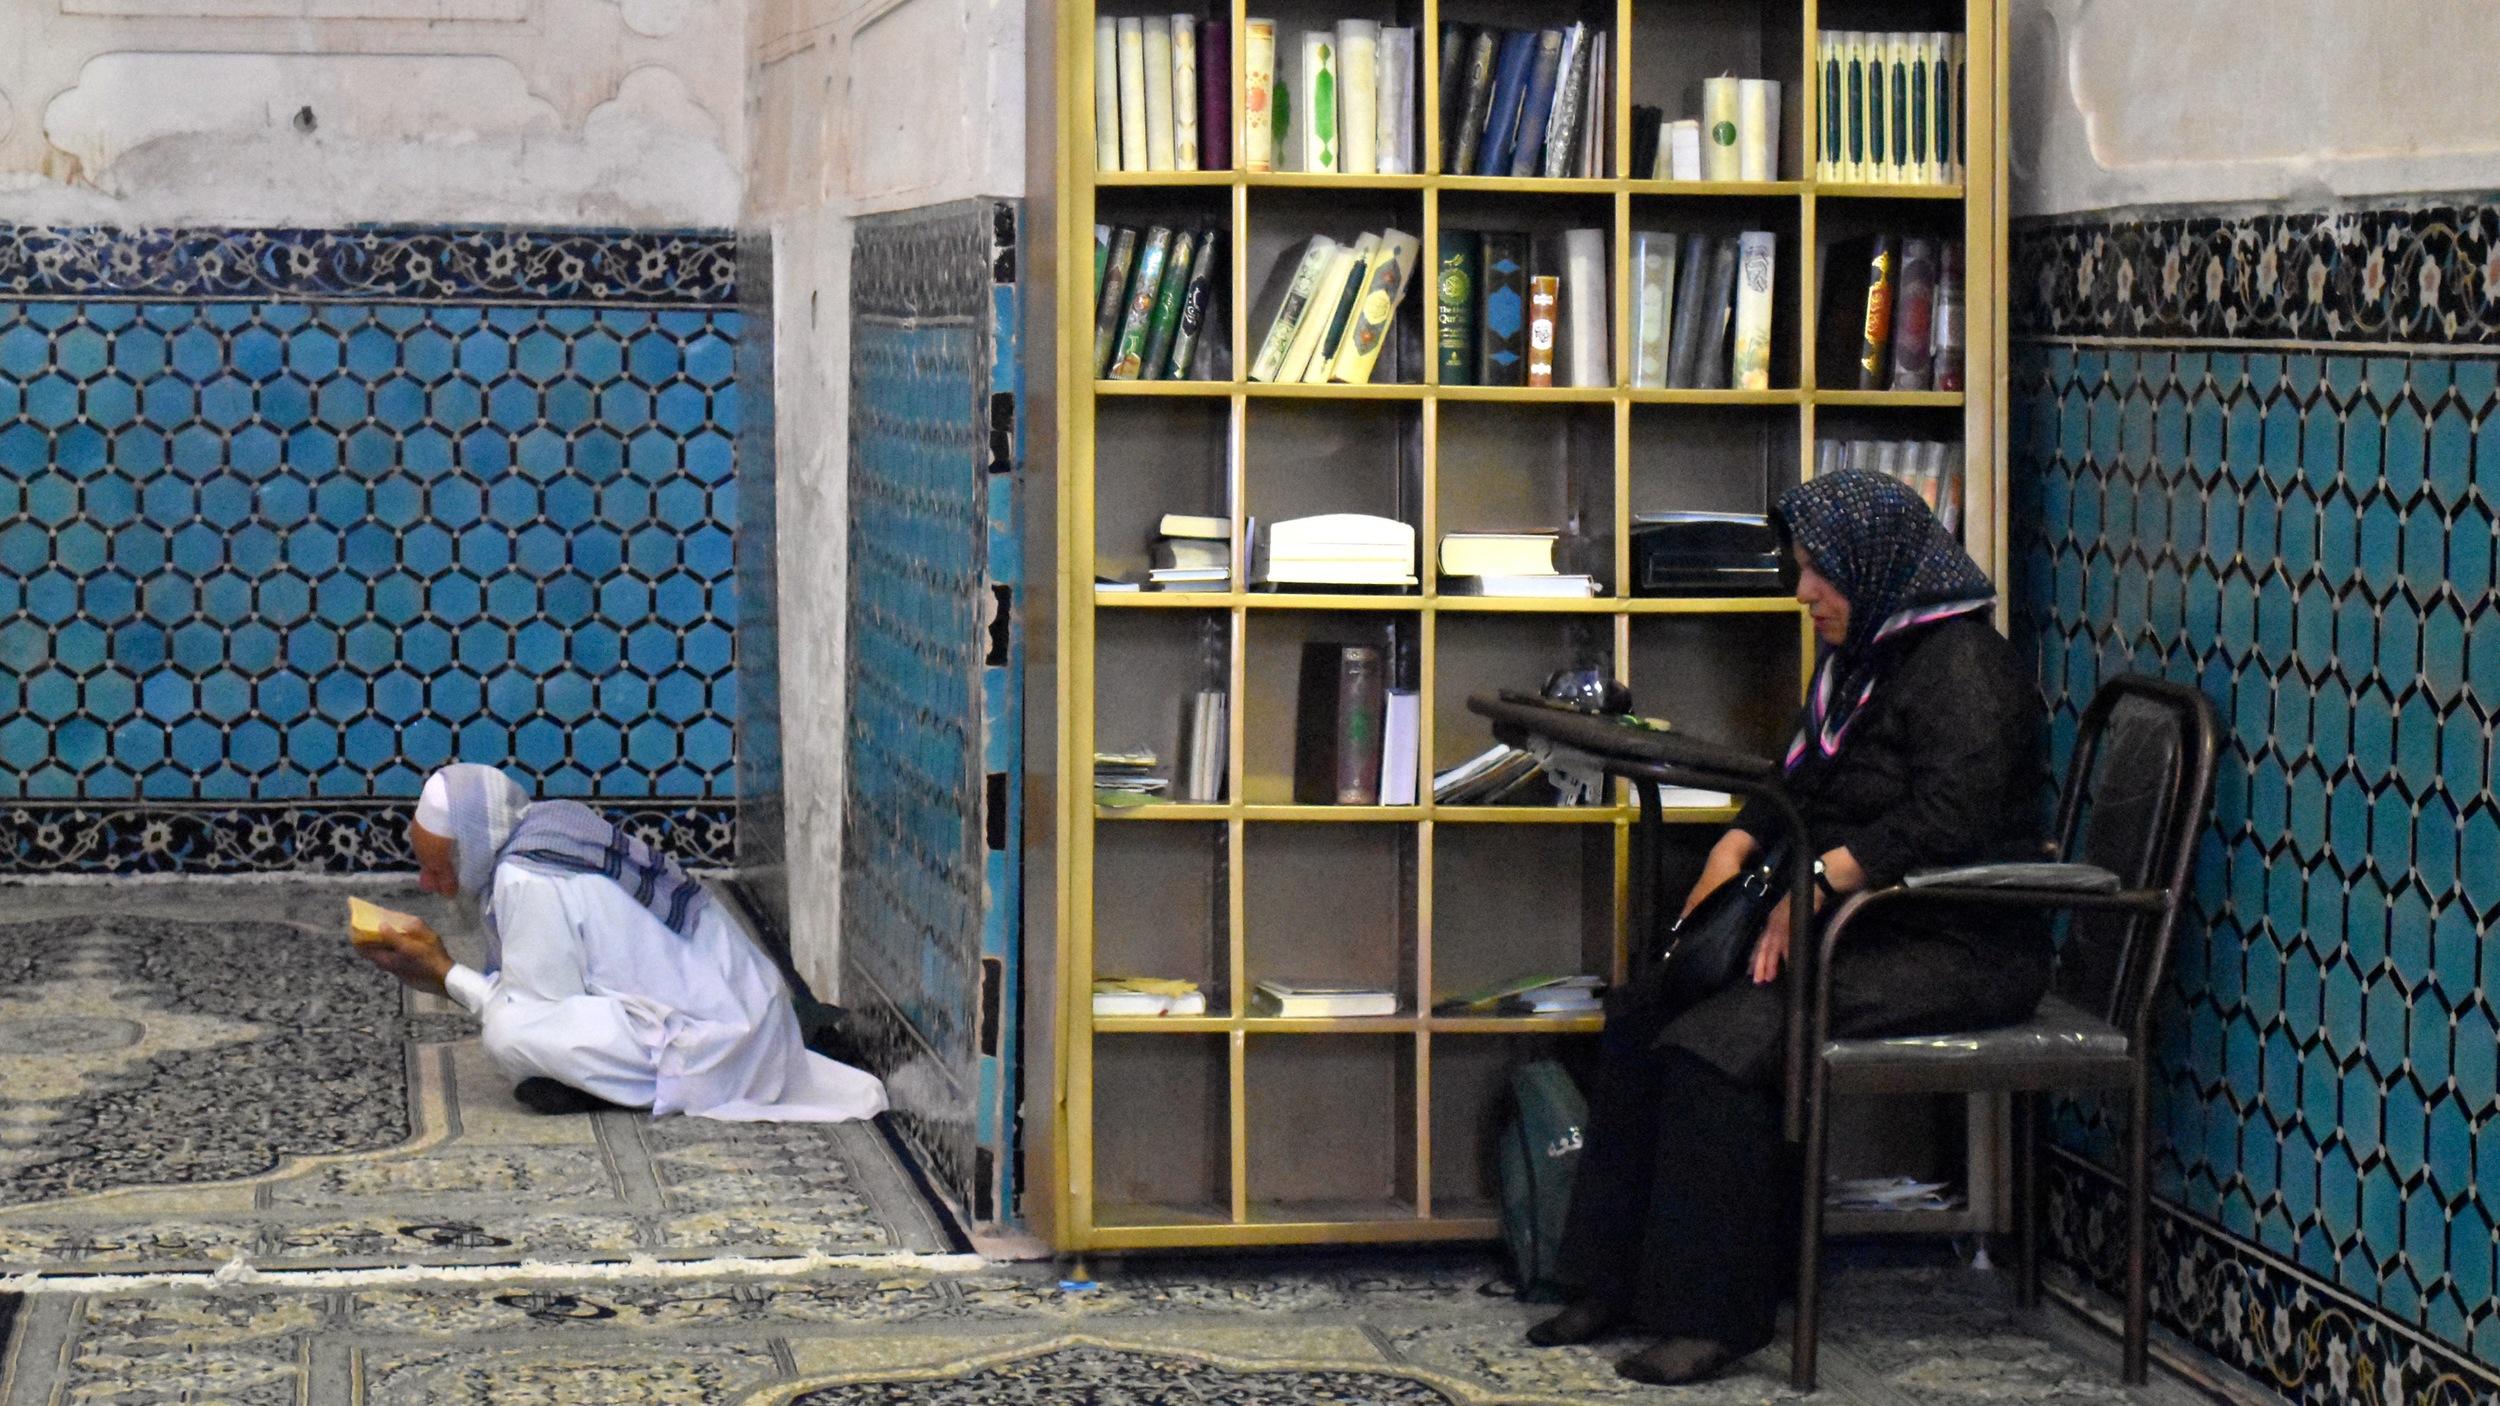 Iran-Kerman-Shah-Nematollah-Vali-shrine-pray.jpg